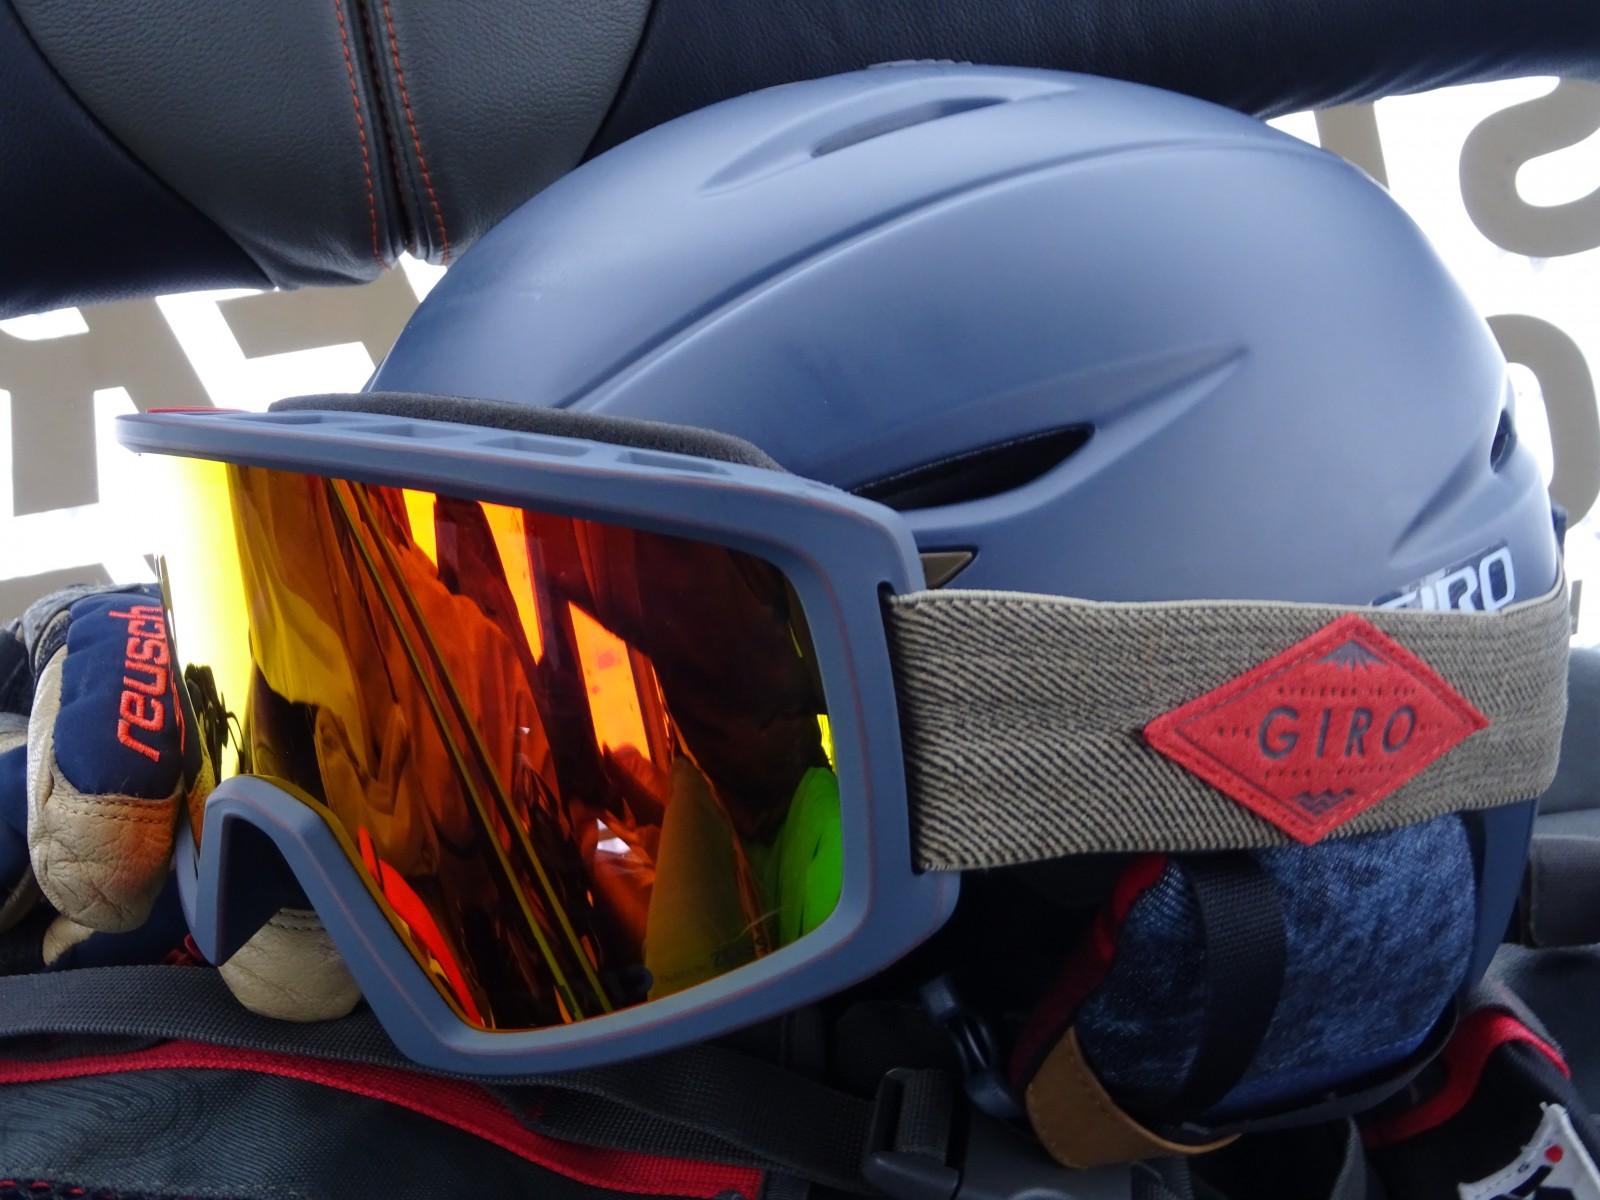 Giro helm